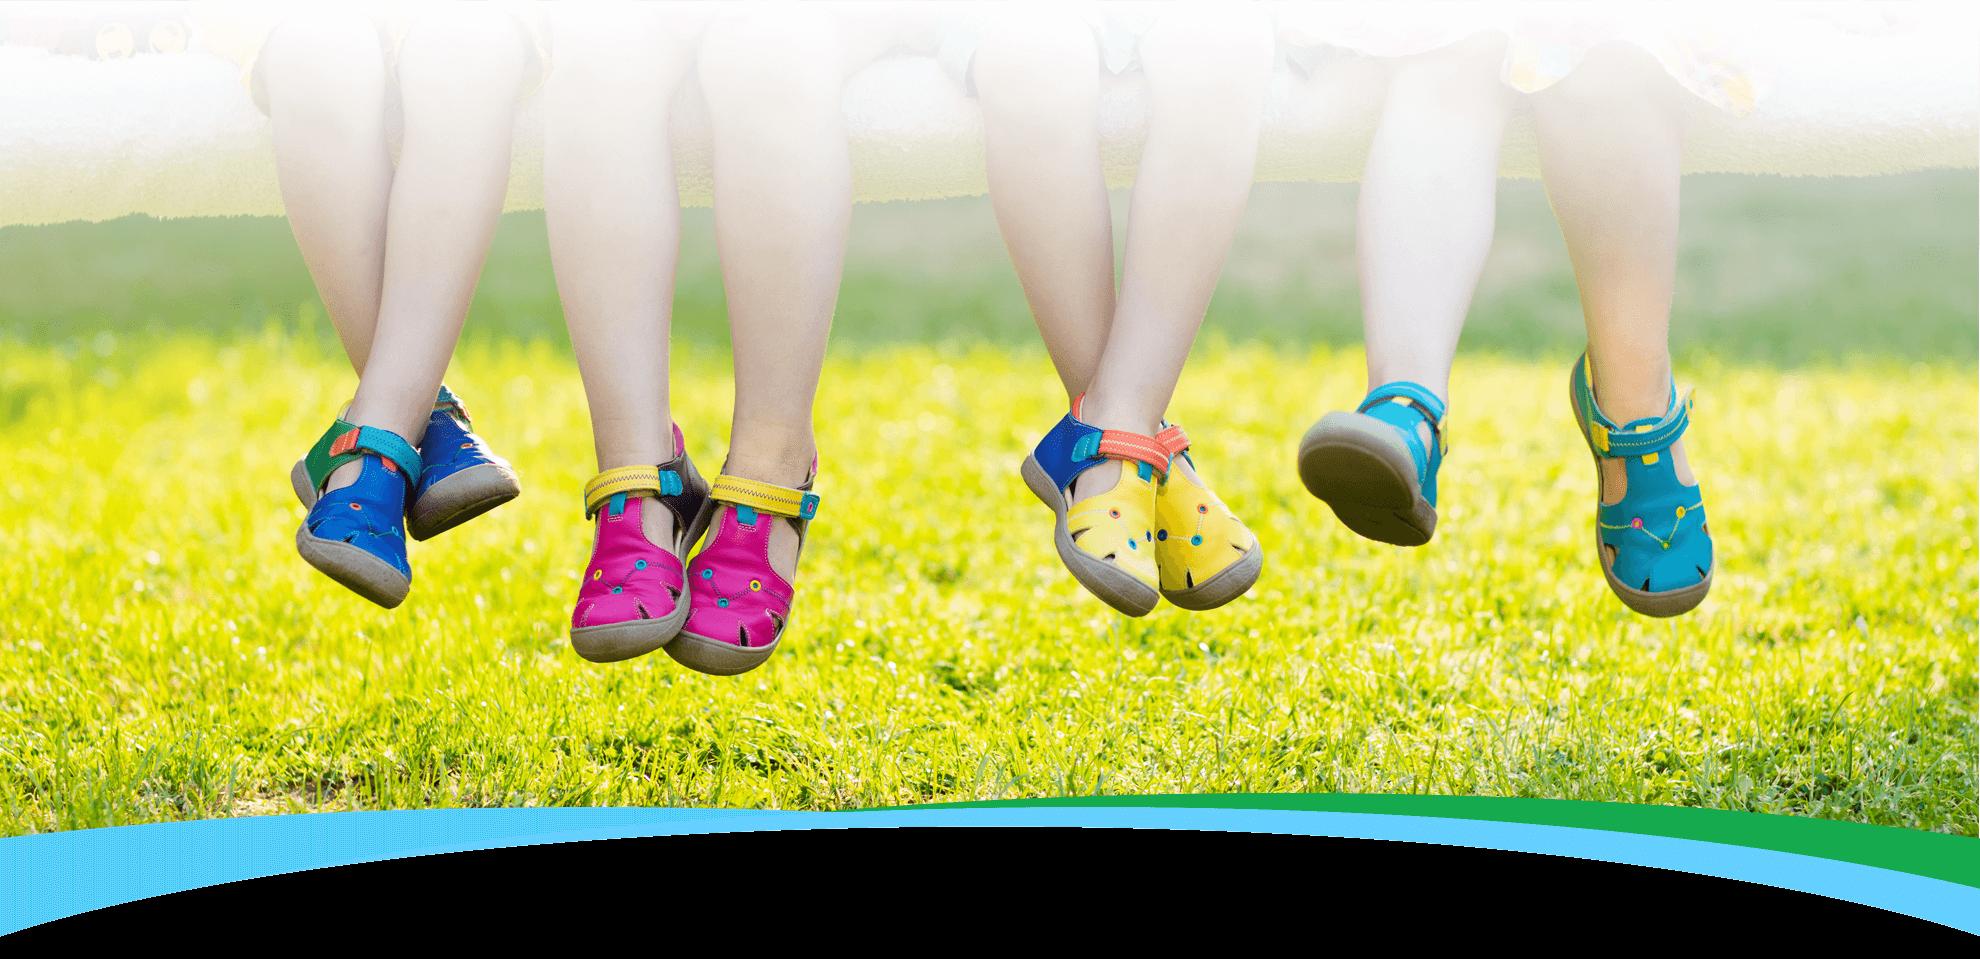 پاهای کودکان: آنچه در هر مرحله از رشد آنها باید بدانید